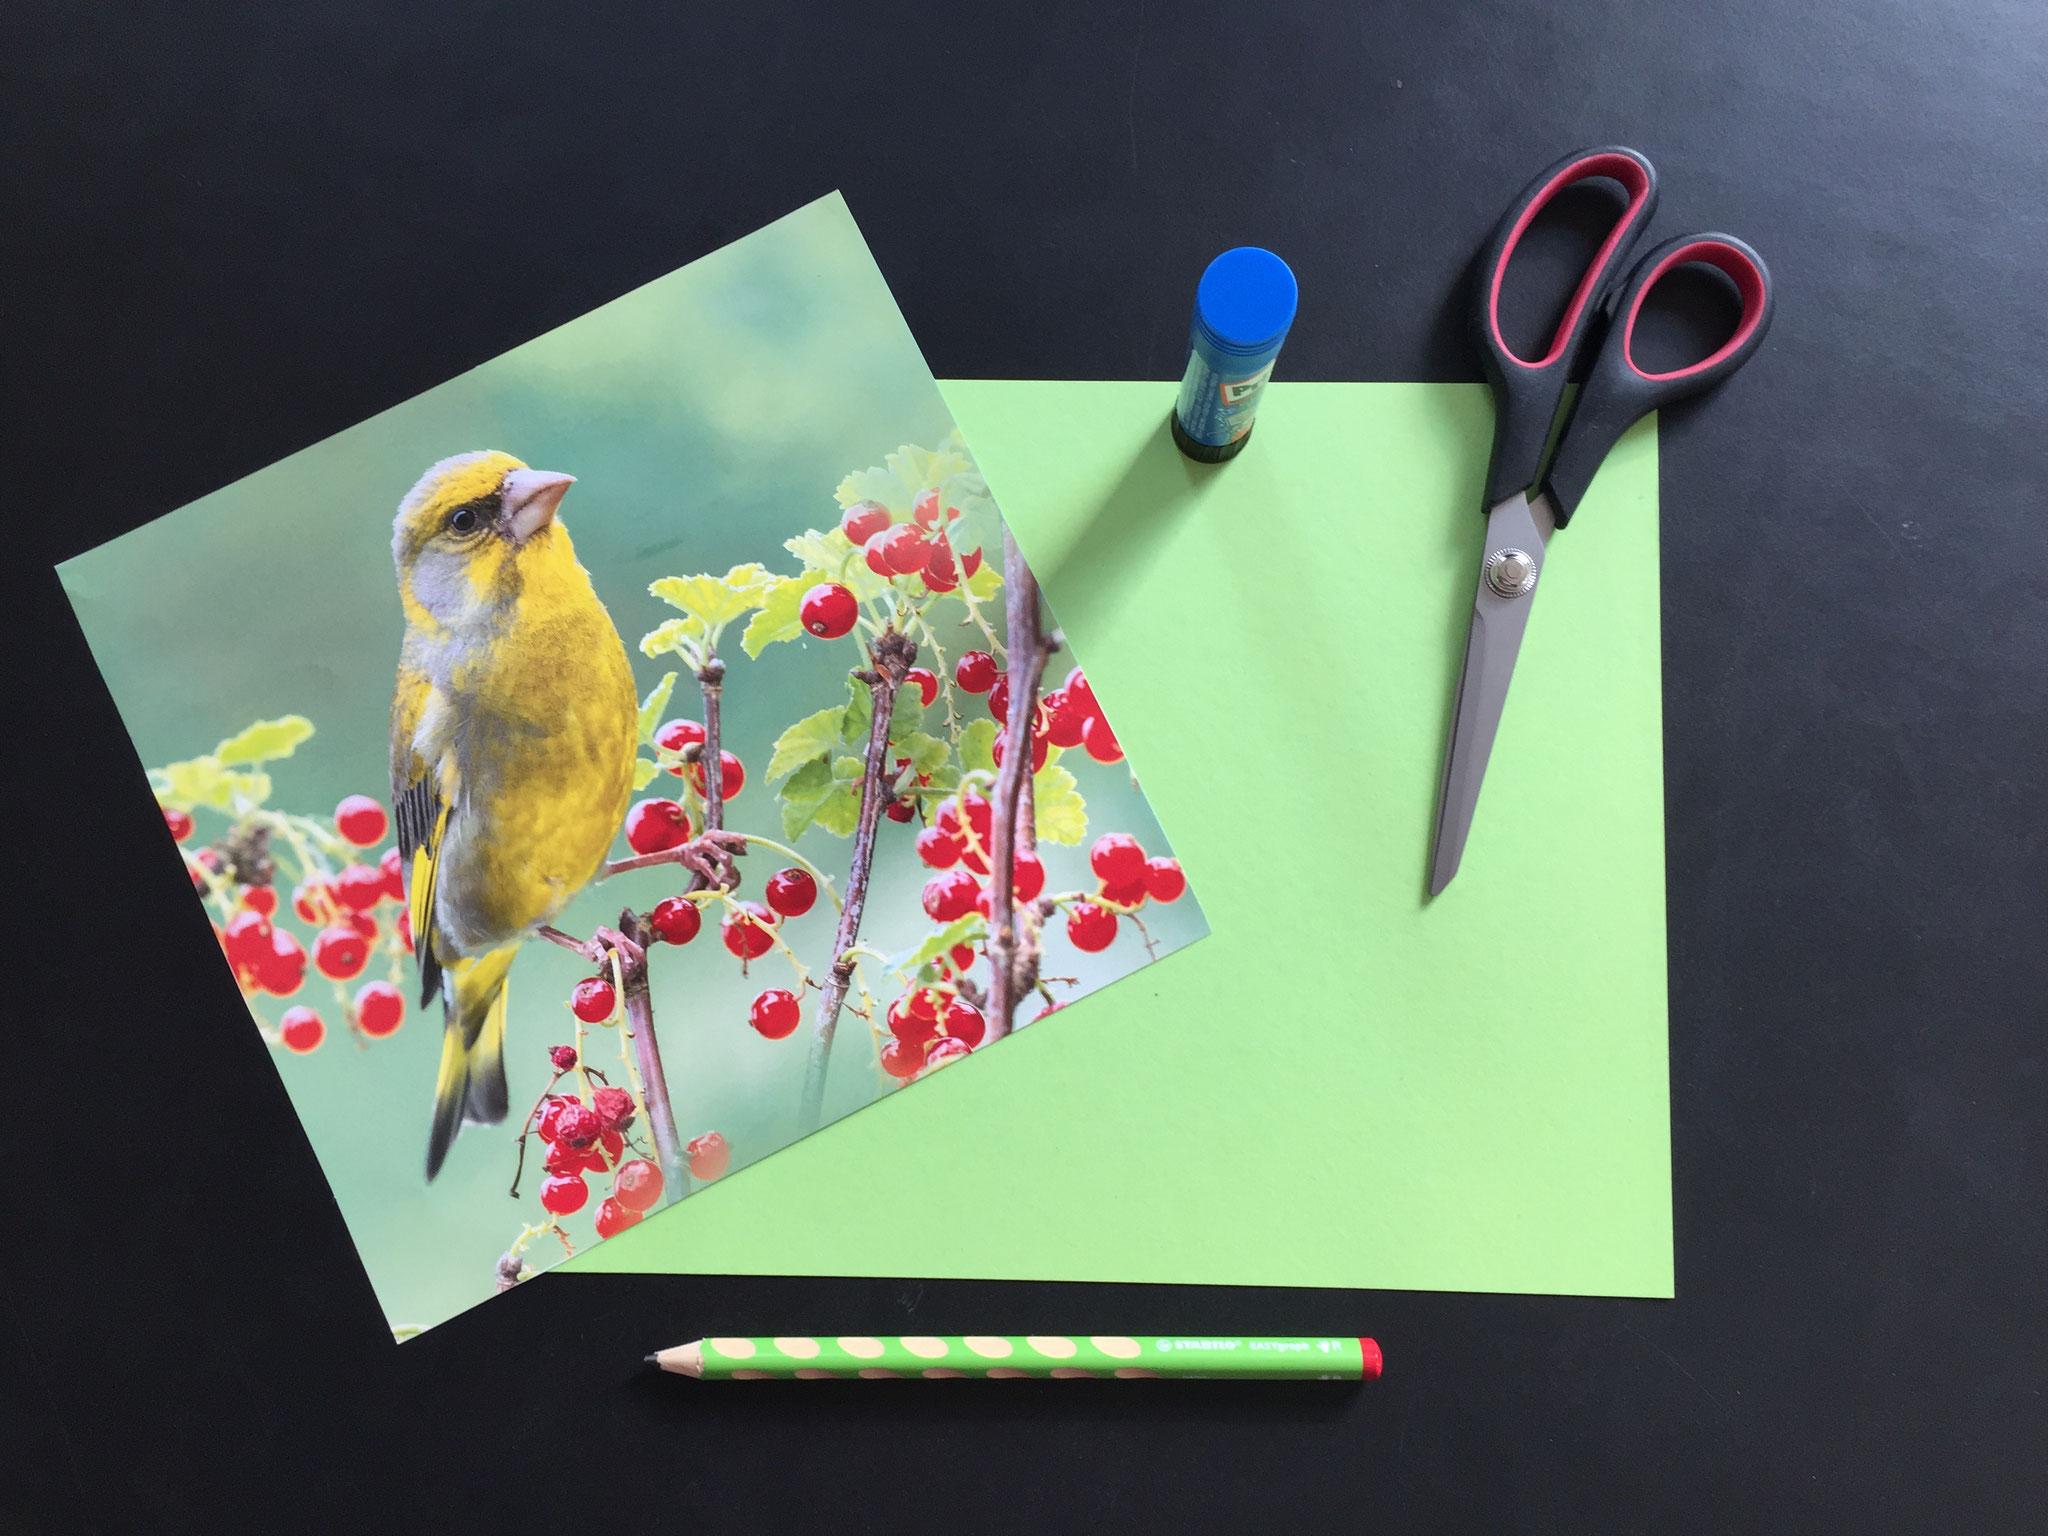 Du brauchst: Ein schönes Bild. Zum Beispiel von einem alten Kalender. Karton. Eine Schere. Einen Leimstift. Einen Bleistift.